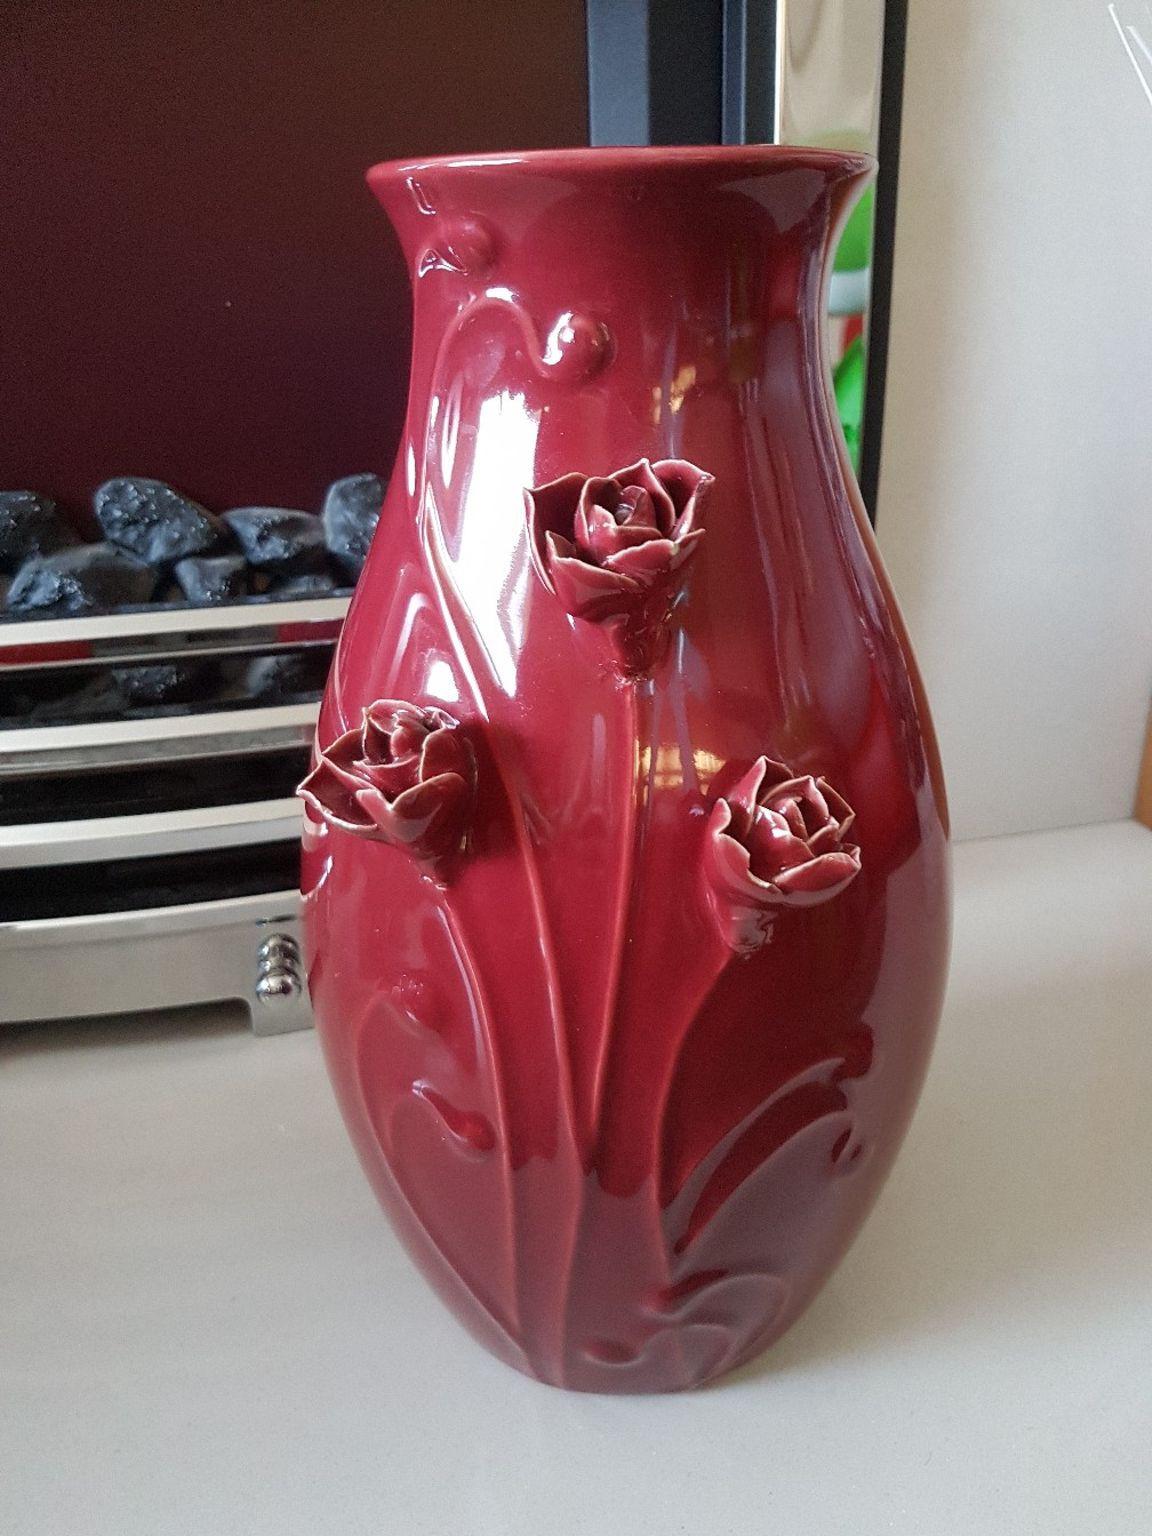 leopard print vase of https en shpock com i wsxasncryfekelgf 2017 06 11t171200 with vase 5740b29e